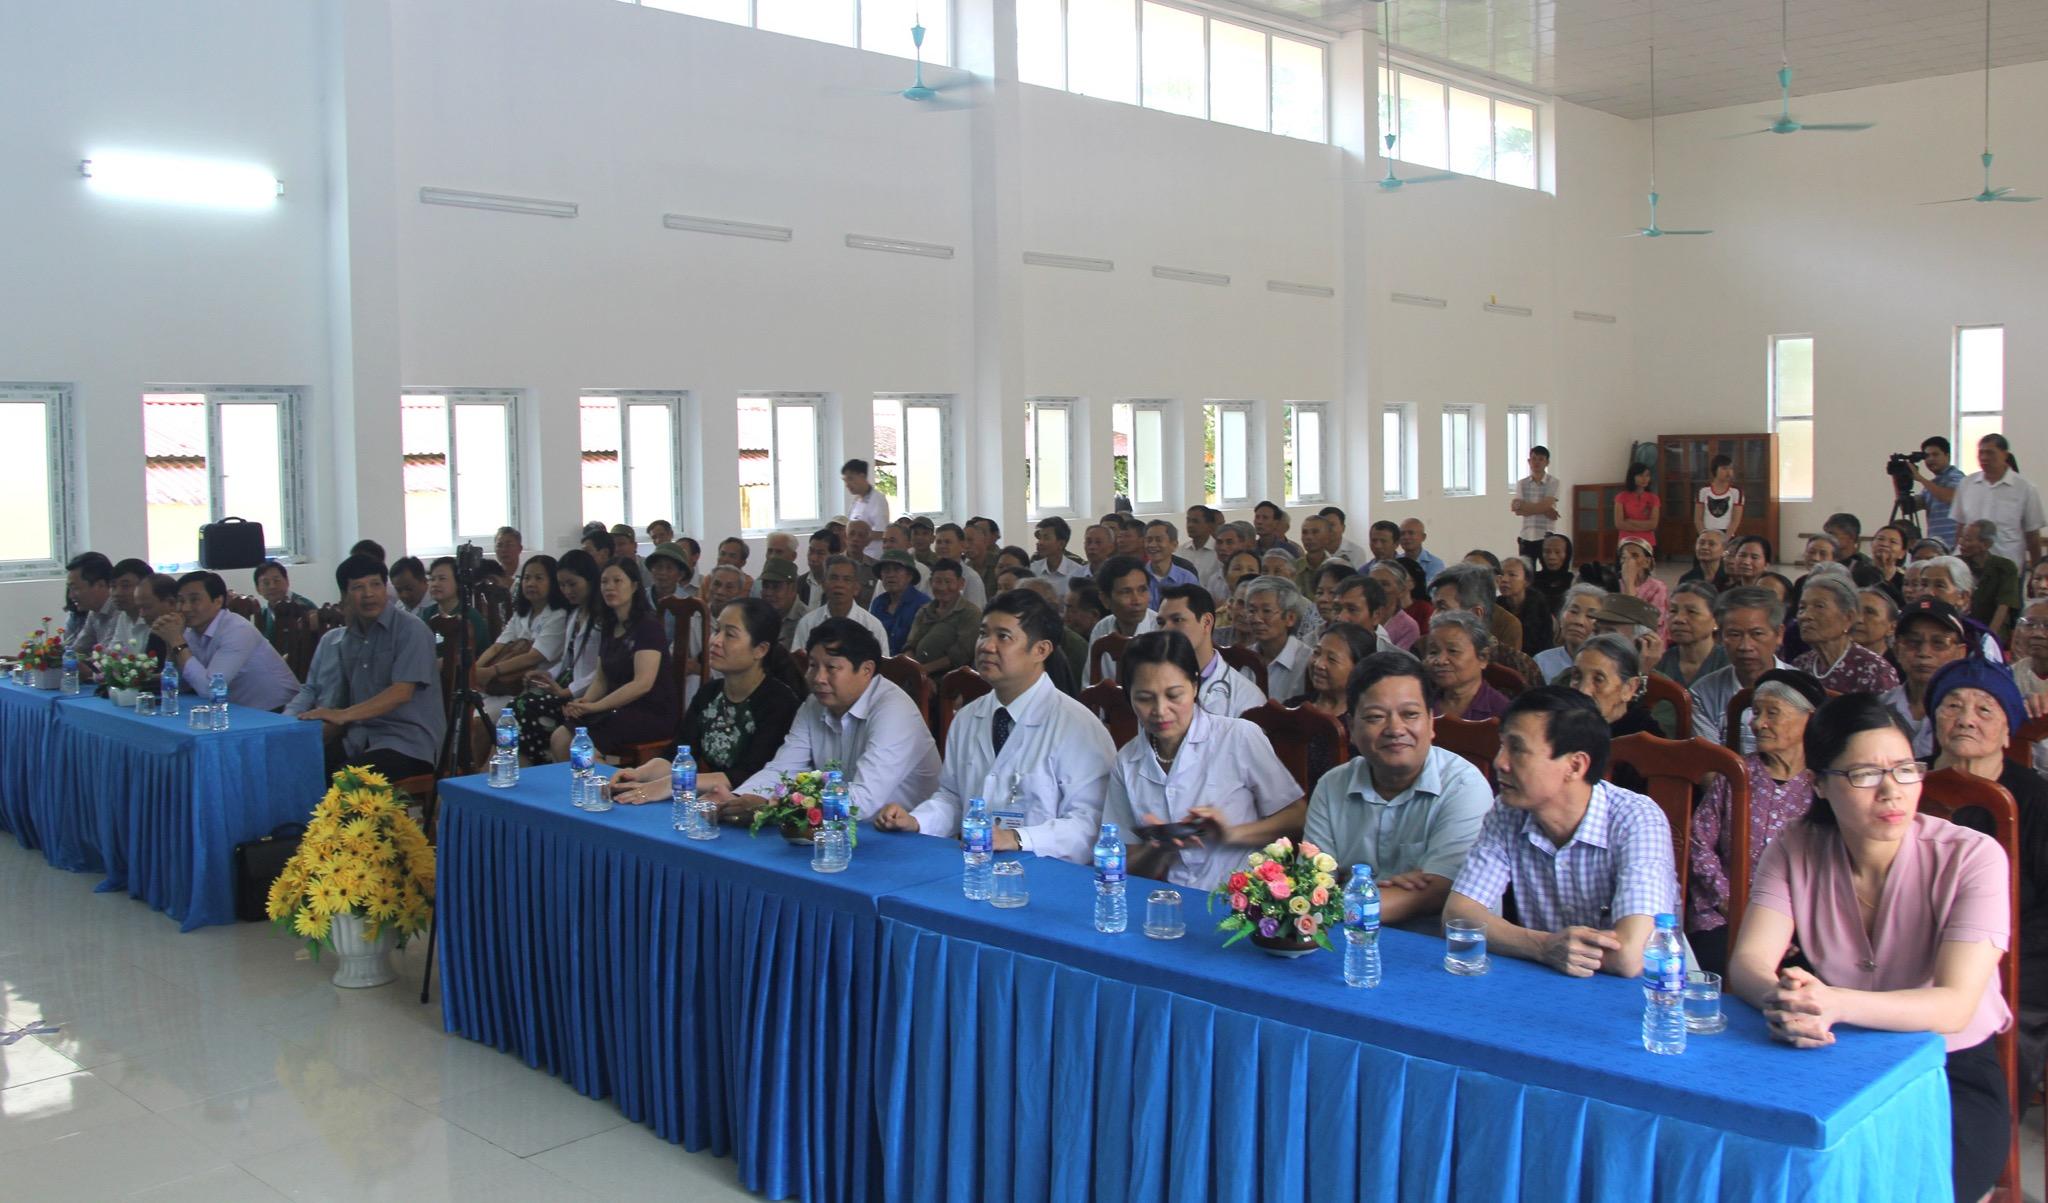 Tuổi trẻ Trường Đại học Văn hoá Hà Nội cùng CLB Bác sĩ họ Đinh và những người bạn thực hiện chuyến đi thiện nguyện về xã Tràng Yên, huyện Hoa Lư, tỉnh Ninh Bình